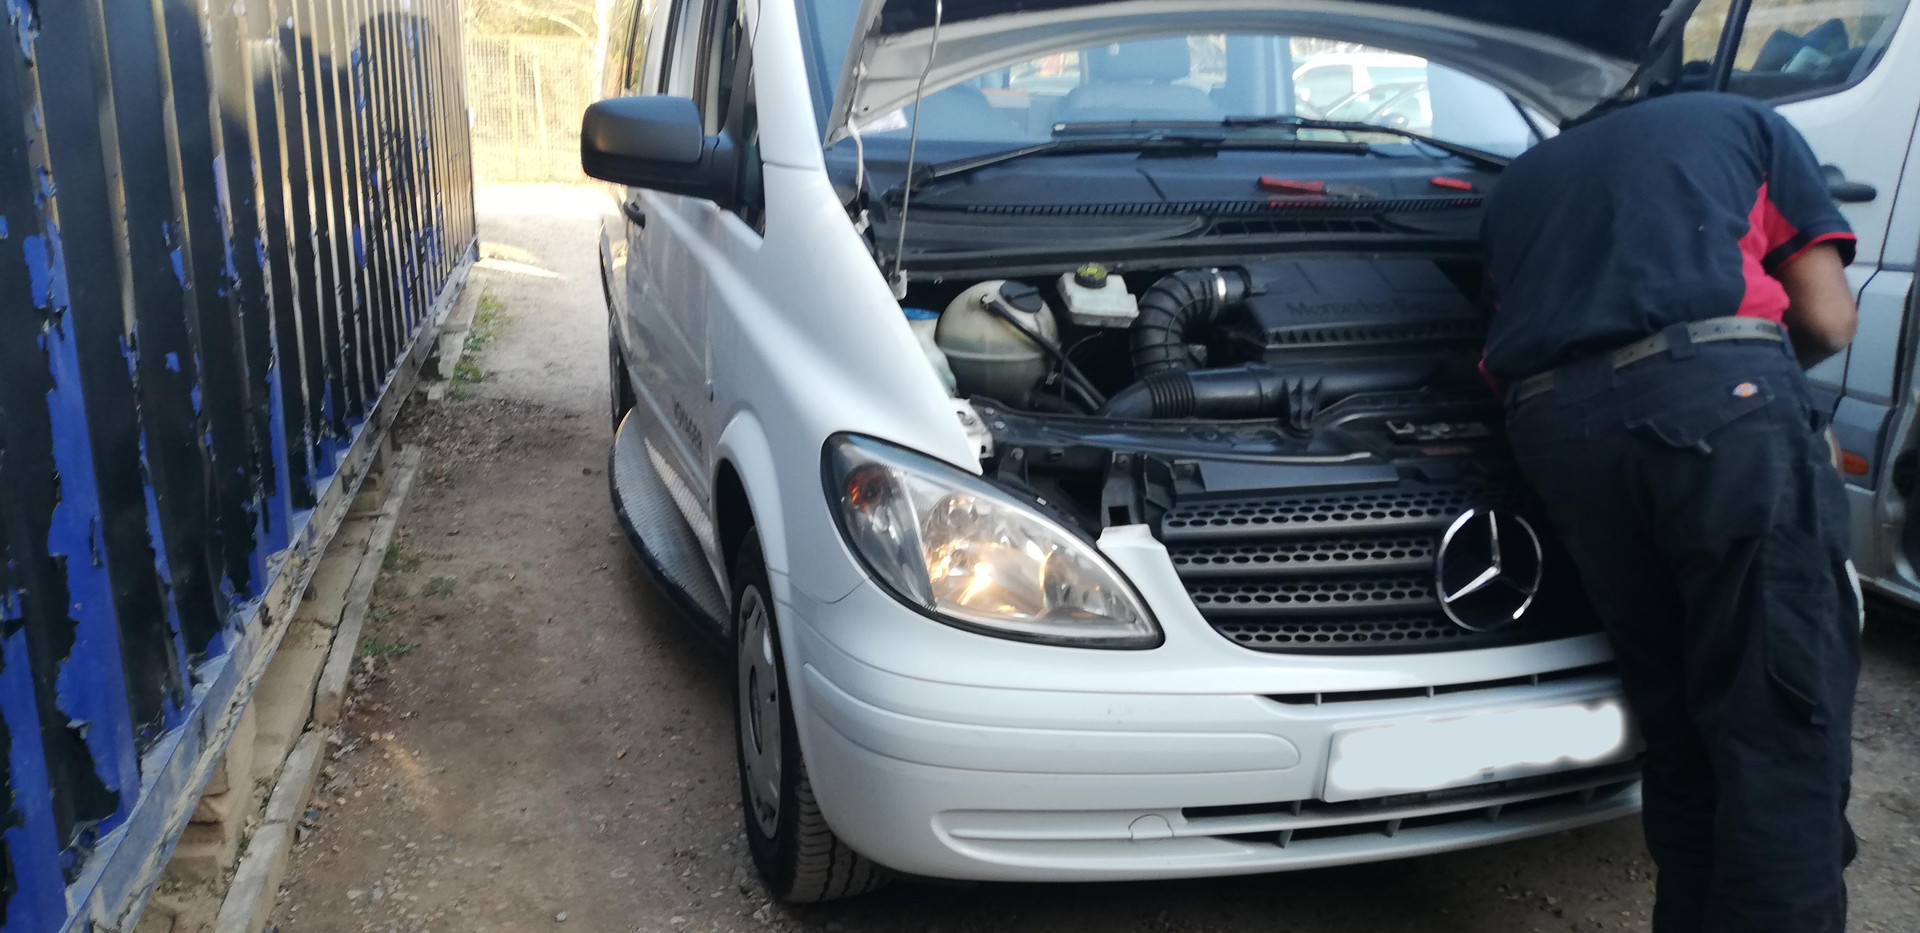 Mercedes_Van_Repair.jpg